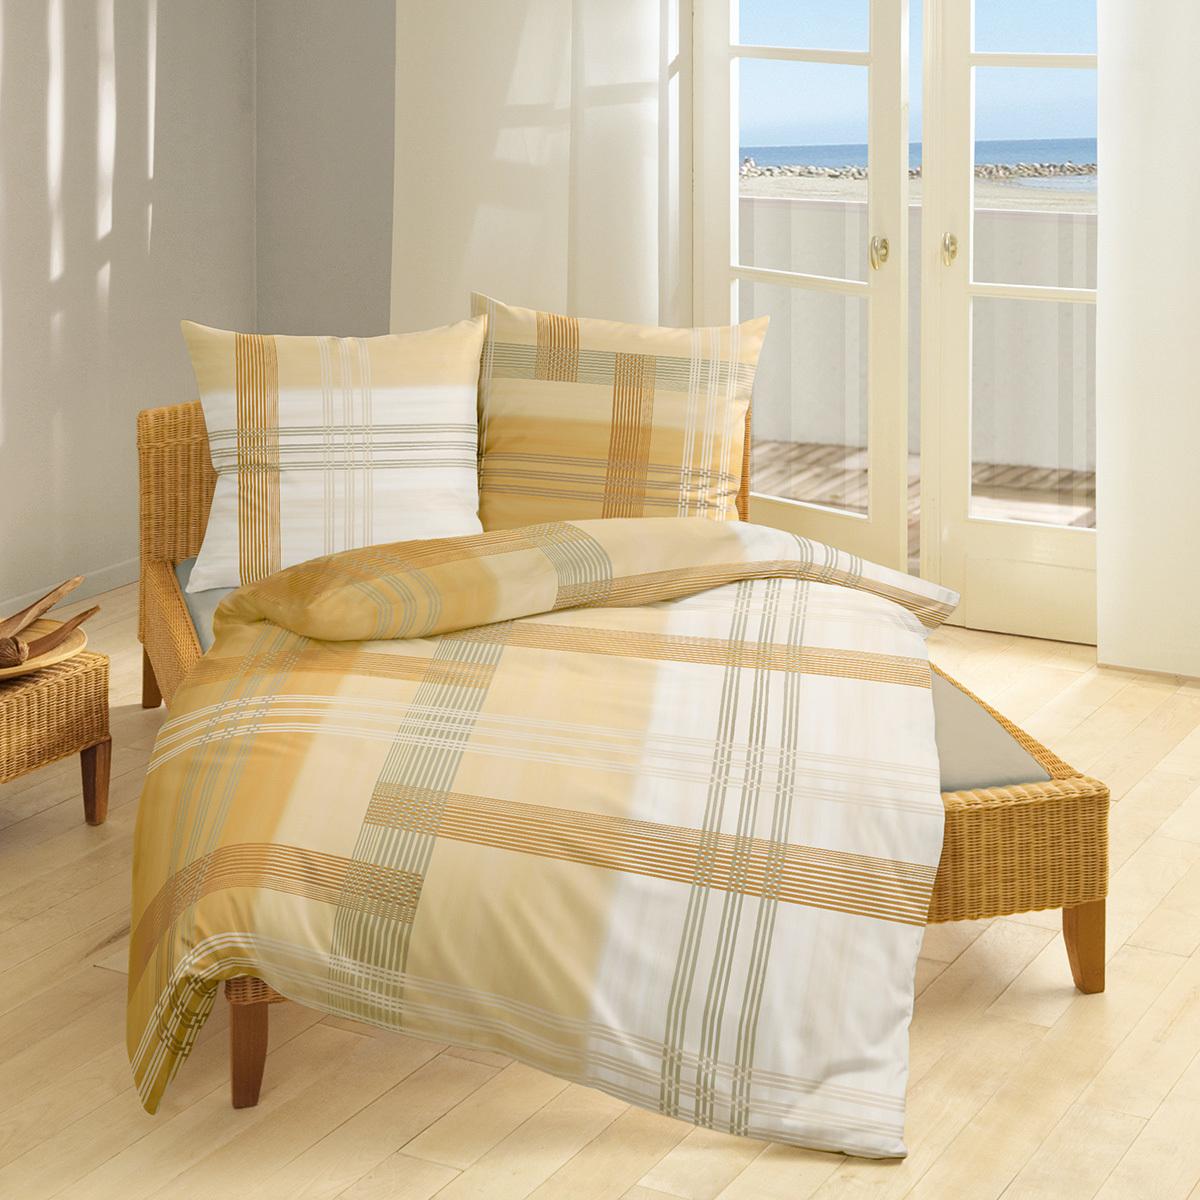 bierbaum single jersey bettw sche 3104 gold g nstig online kaufen bei bettwaren shop. Black Bedroom Furniture Sets. Home Design Ideas